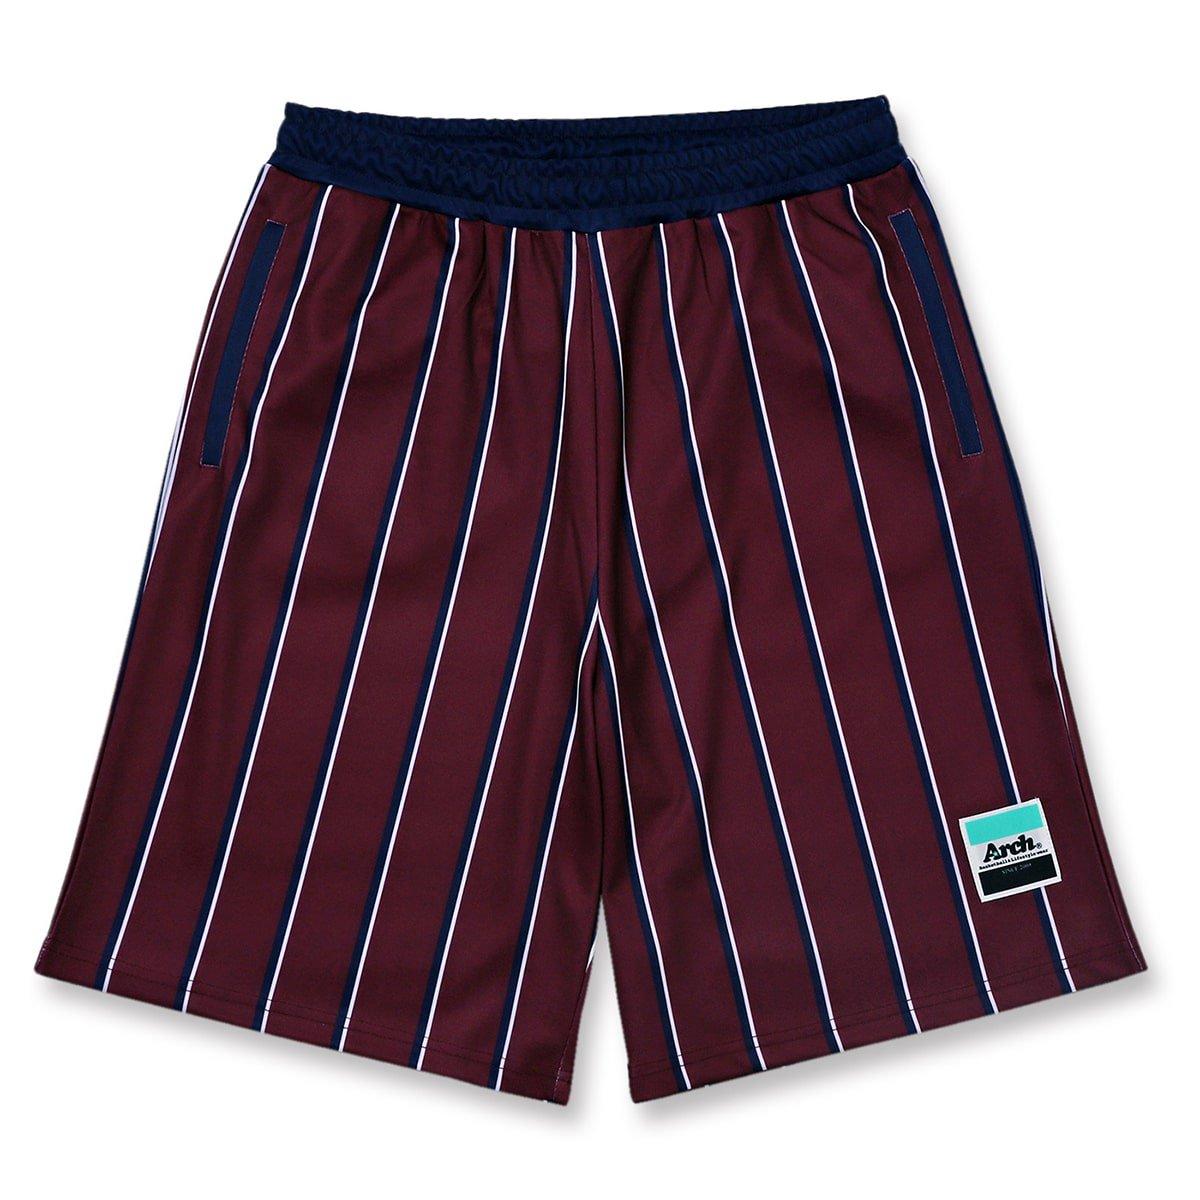 trad stripe shorts【burgundy】